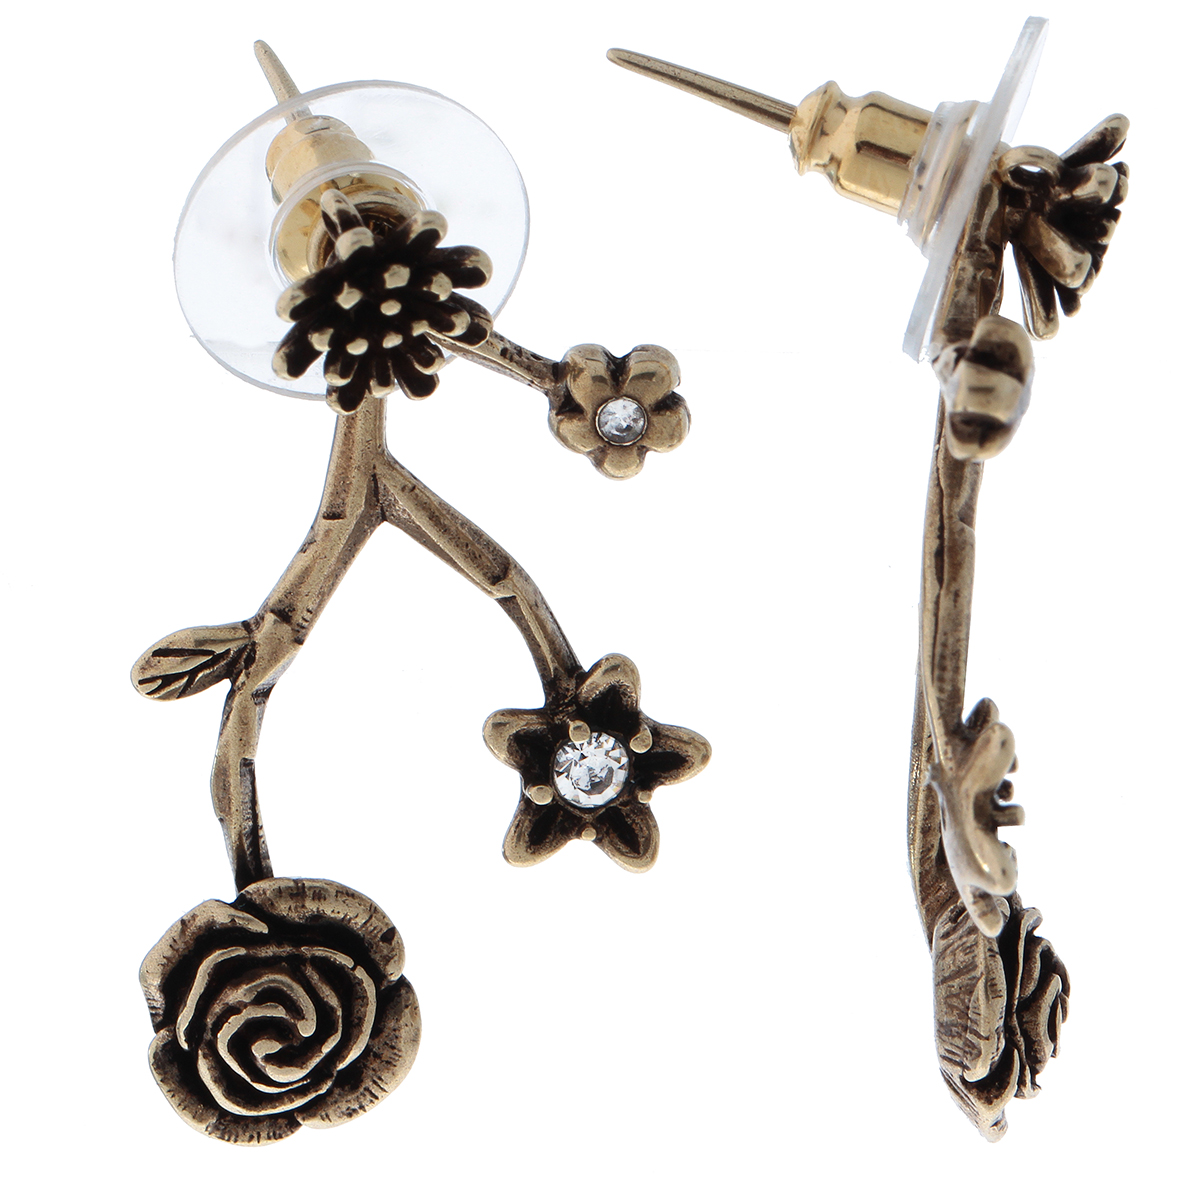 Серьги Jenavi Tenerezza. Неббиа, цвет: бронзовый, белый. f706w800Пуссеты (гвоздики)Оригинальные серьги Jenavi из коллекции Tenerezza, Неббиа изготовлены из гипоаллергенного ювелирного сплава.Изделие застегивается на замок-гвоздик, который надежно зафиксирует серьги.Стильные серьги представлены в виде веточек на которых расположились цветы с вставками из кристаллов Swarovski.